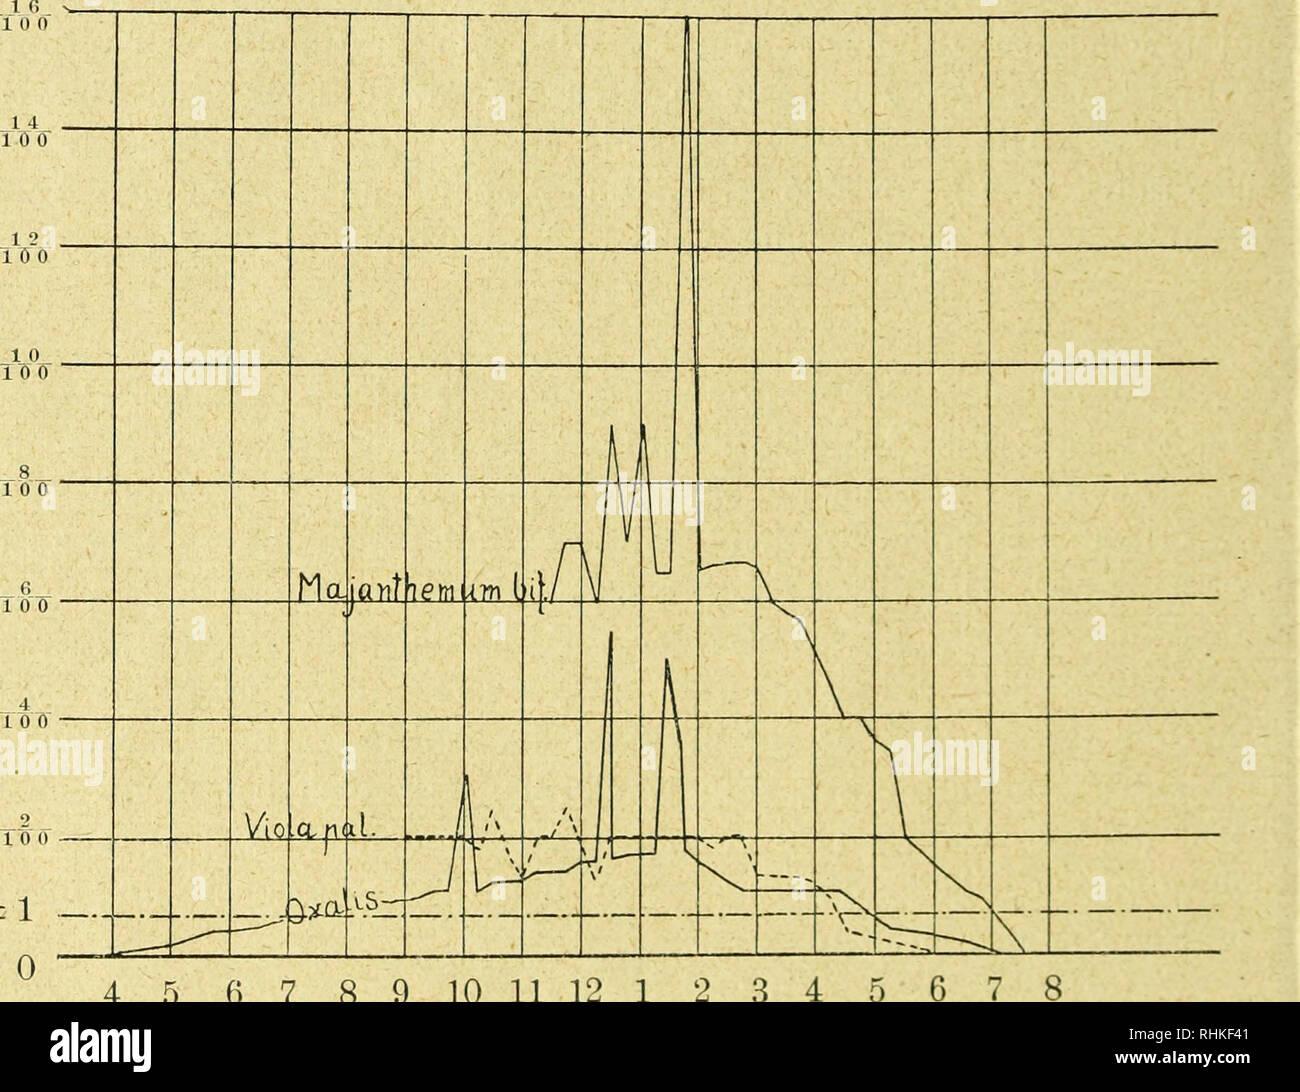 . Biologisches Centralblatt. Biology; Biology. 354 H. Lundegardh, Zur Physiologie und Ökologie der Kohlensäureassimilation. wird die Grenze später, bei noch schwächerem Licht als wahrschein- lich früher erreicht, aber in der Natur hat man meistens nur mit' Kohlensäurekonzentrationen bis höchstens das Doppelte des Normalen zu rechnen (s. Lundegardh 1921 und oben). Die Schattenpflanzen dürften also bei jeder Lichtintensität den Kohlensäurefaktor des Stand- ortes voll ausnützen können12). Wenn man die Assimilationskurven und die Atmung einer Pflanze kennt und dann die an dem Standort herrschenden Stock Photo